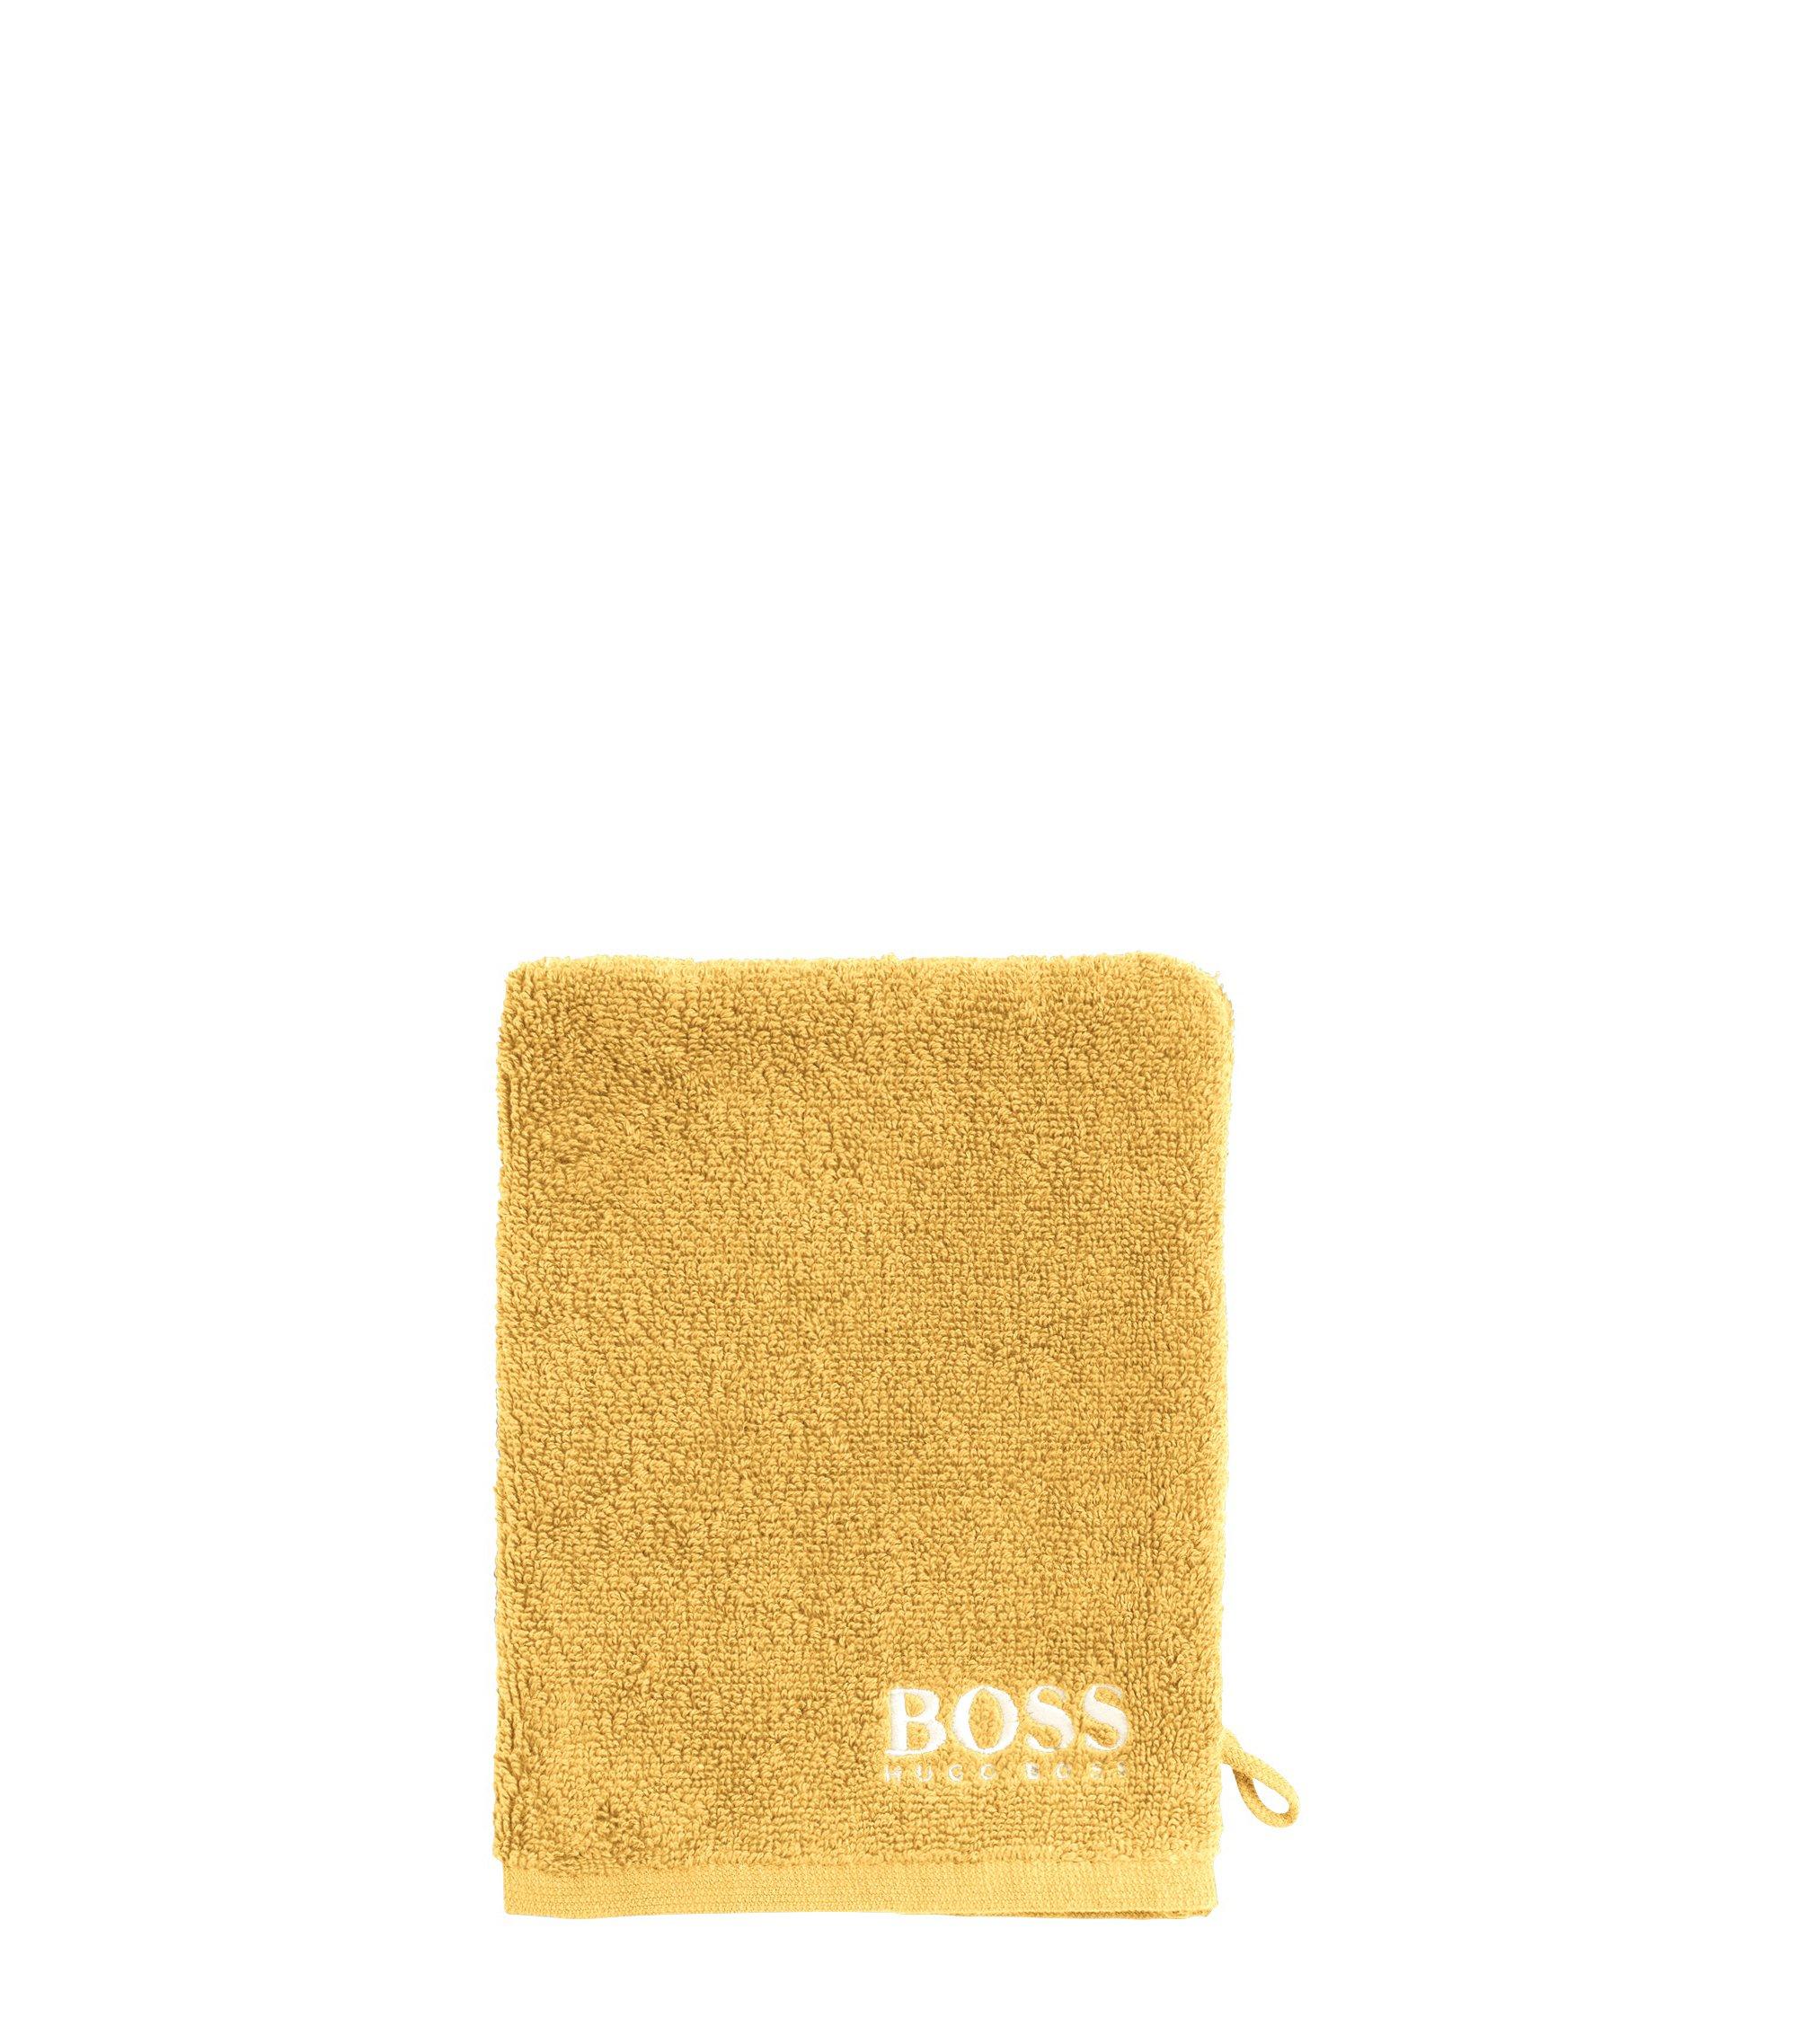 Gant de toilette en coton égyptien des plus raffinés avec logo brodé contrastant, Or